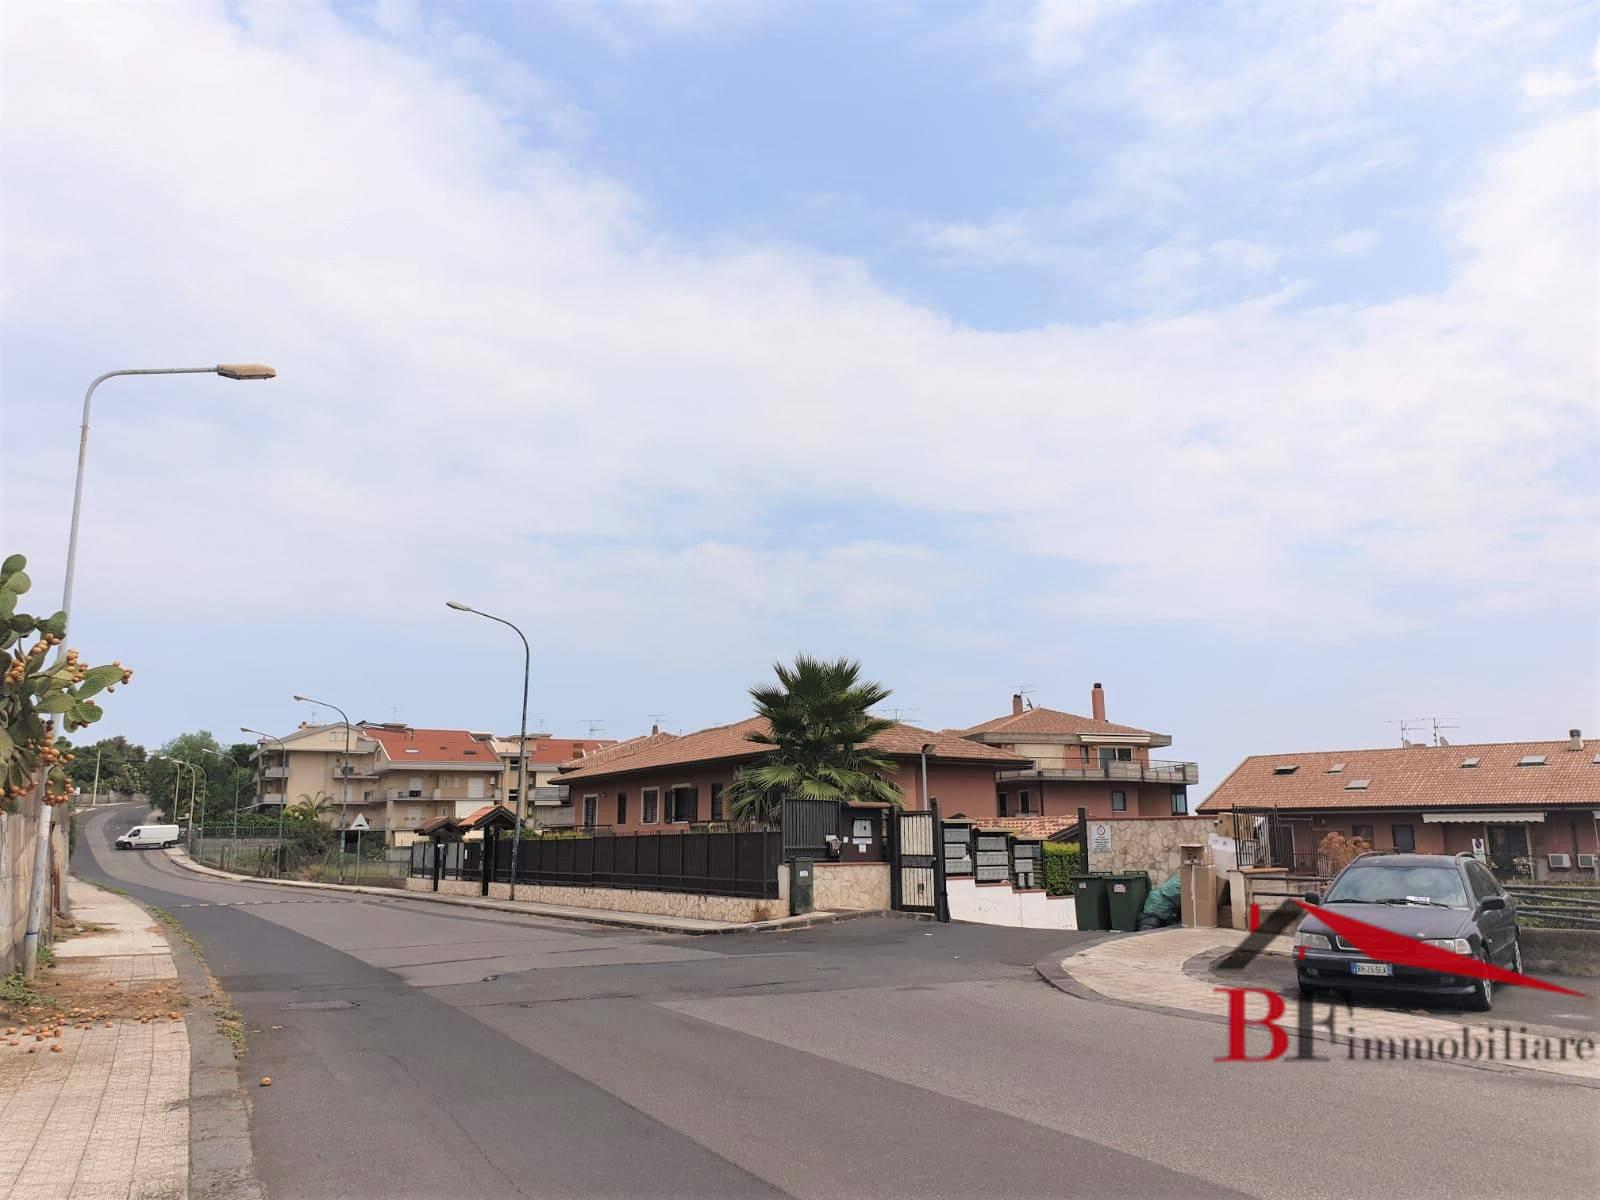 Appartamento in vendita a San Gregorio di Catania, 4 locali, prezzo € 260.000   CambioCasa.it